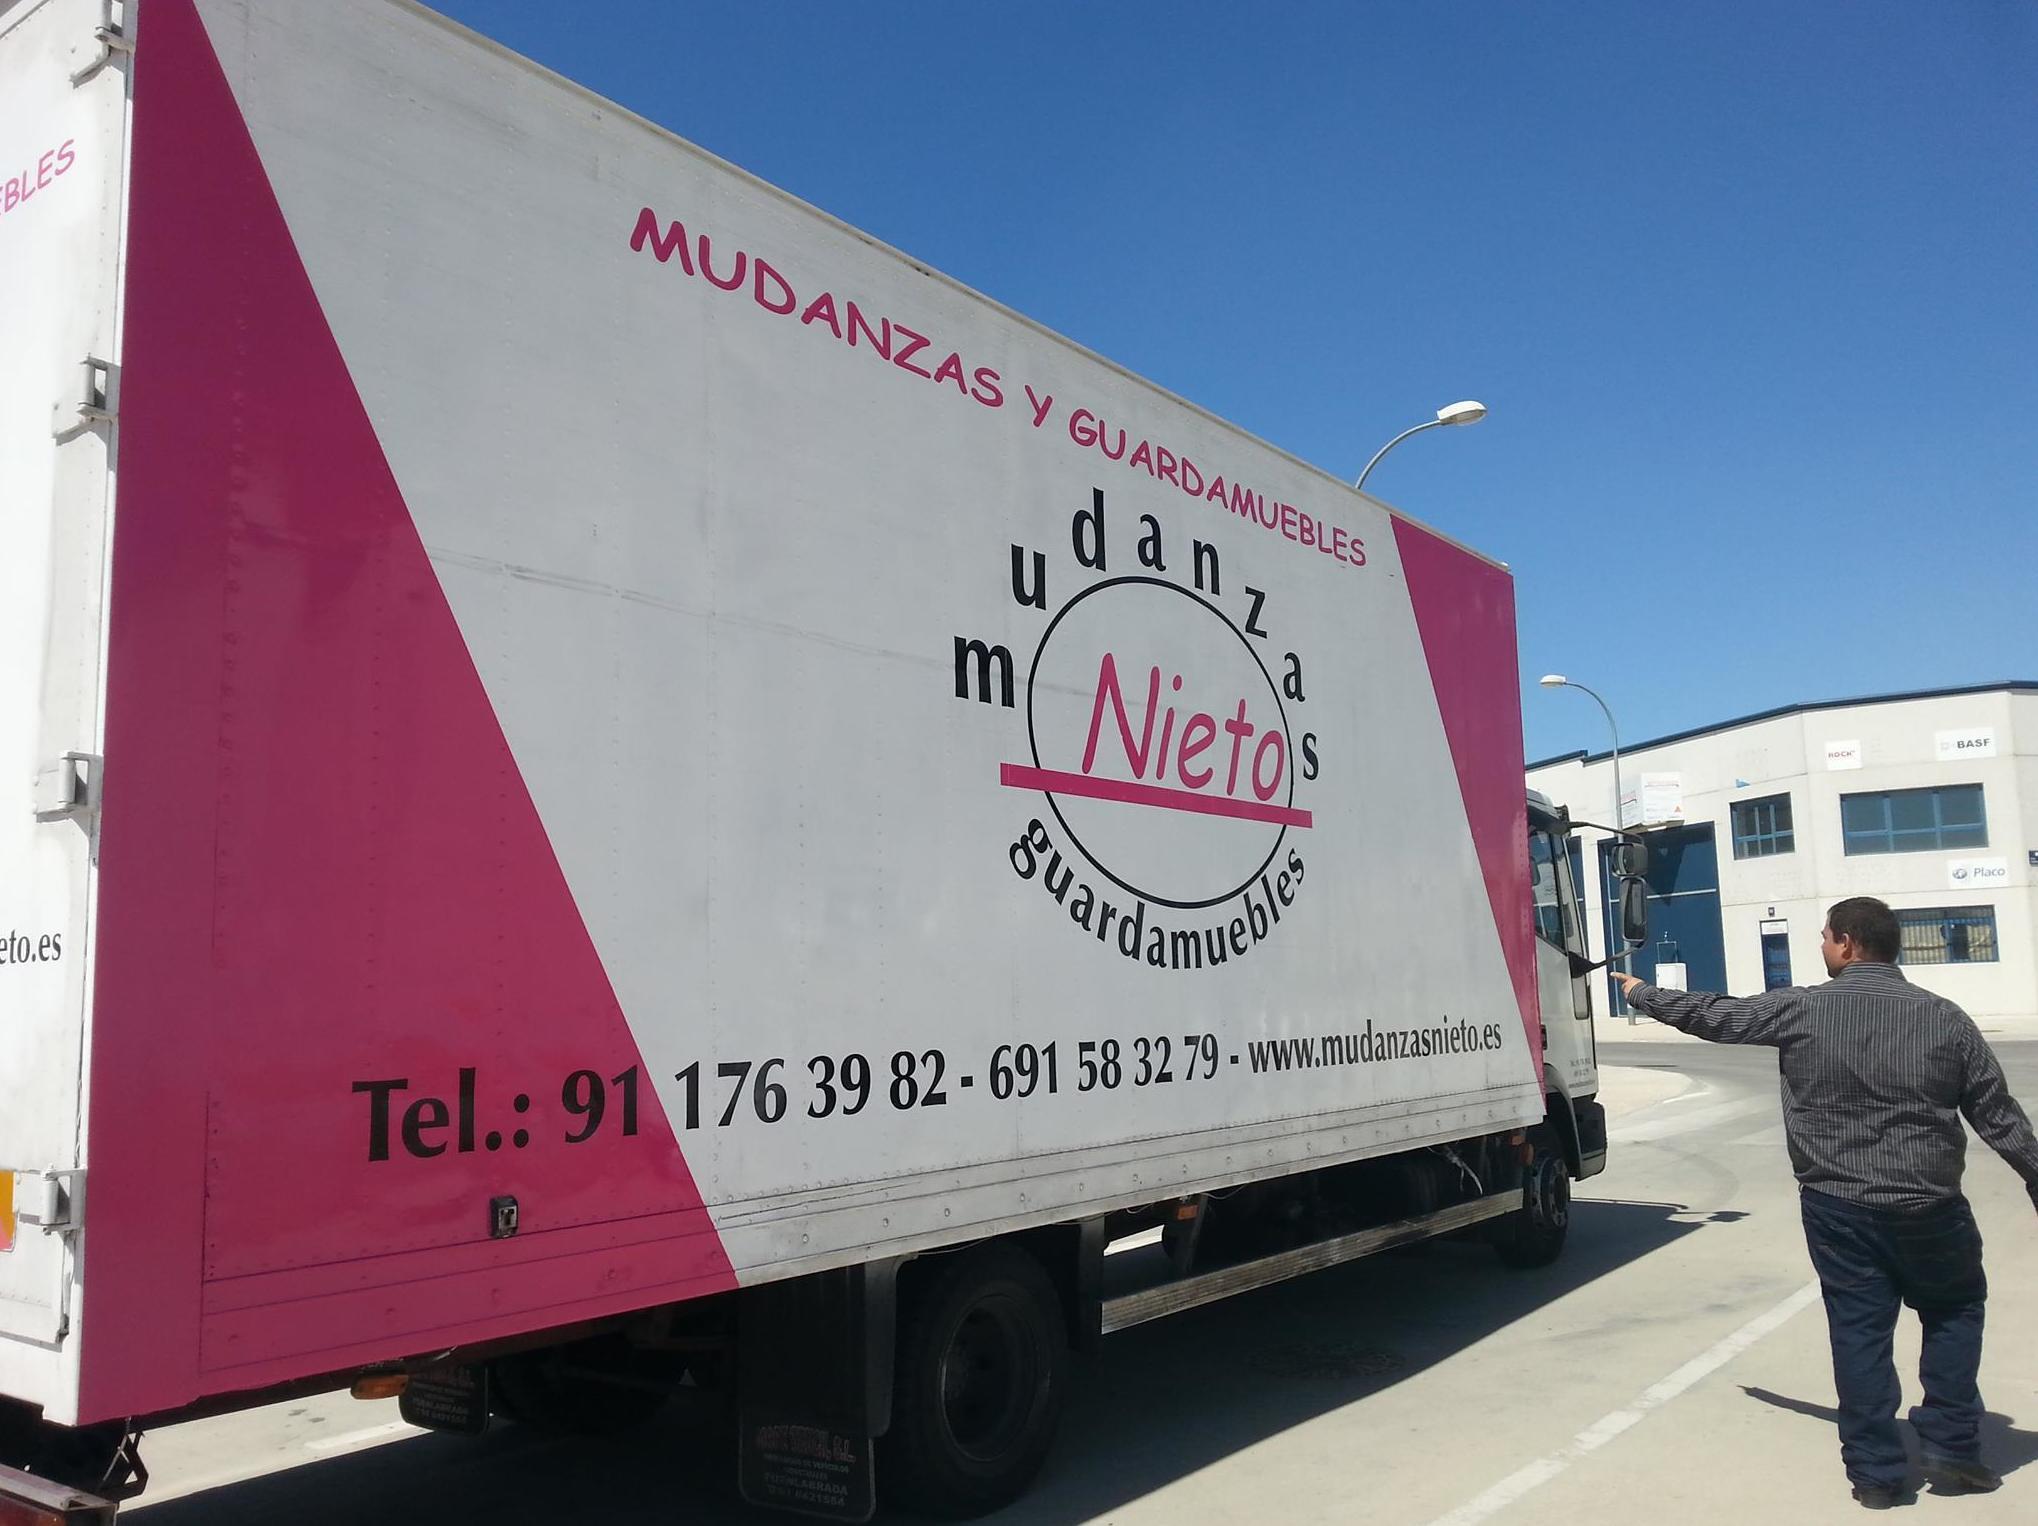 Foto 17 de Mudanzas y guardamuebles en Alcorcón | Mudanzas Nieto